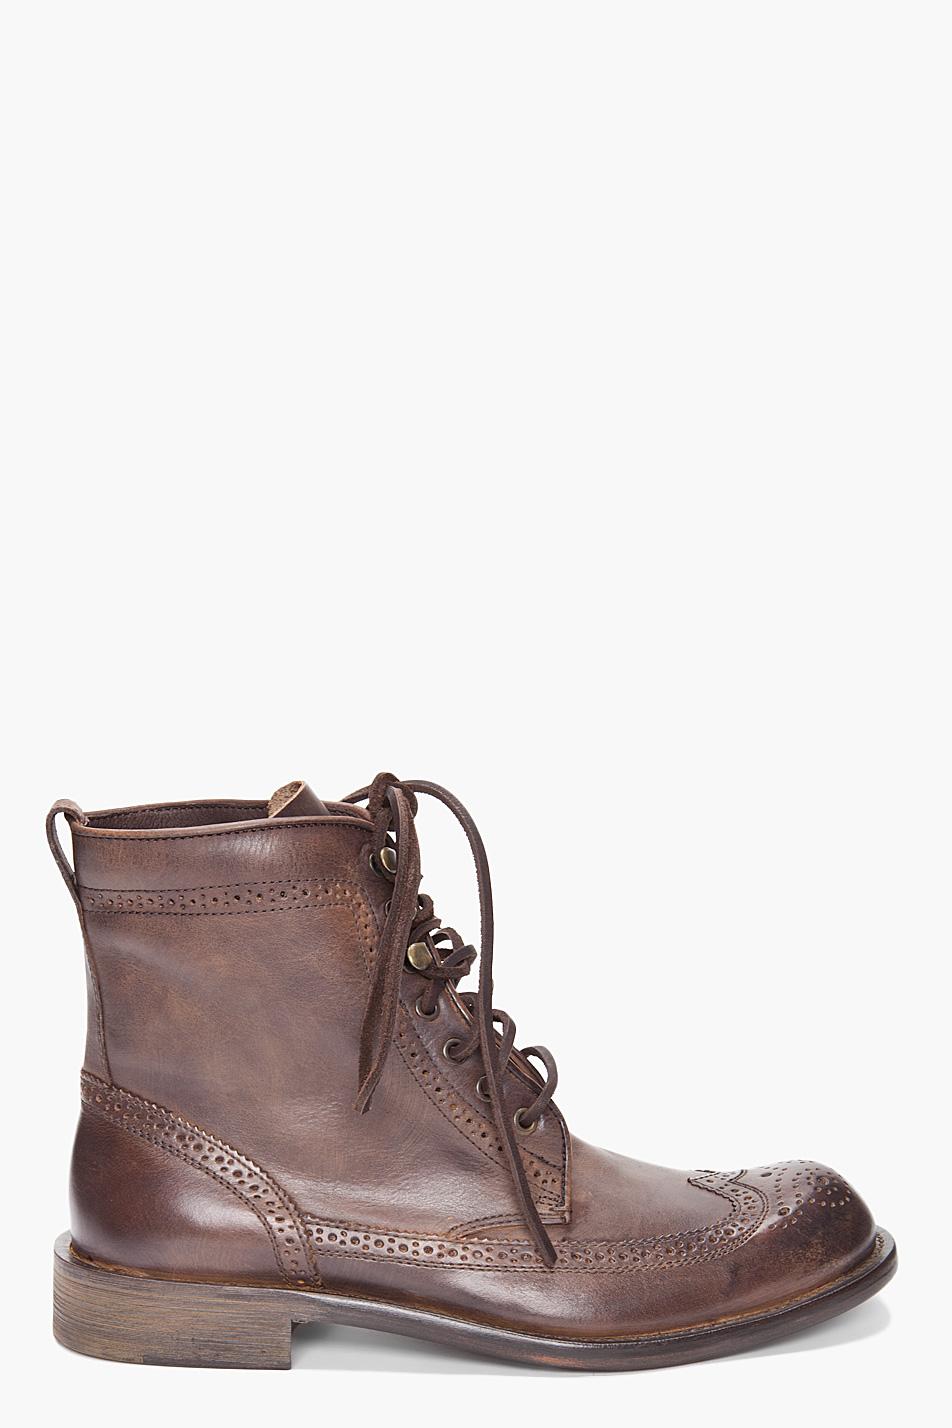 John Varvatos Wingtip Boots In Brown For Men Lyst